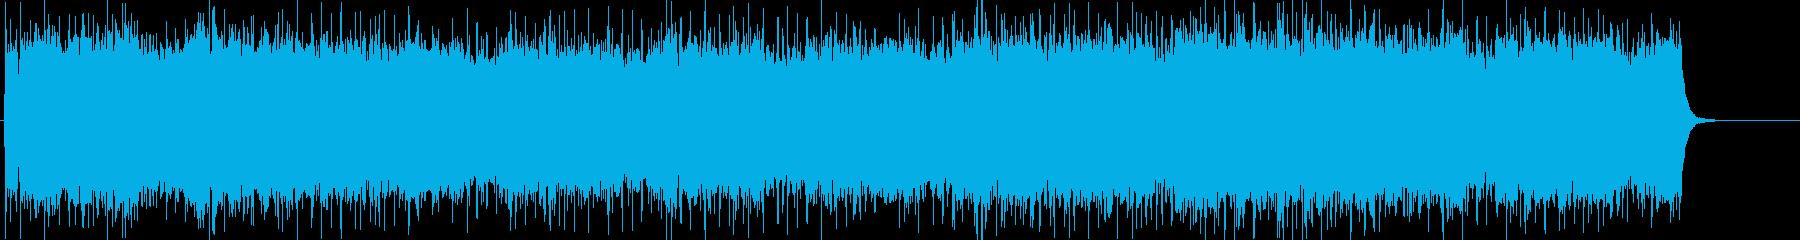 エキサイティングで挑戦的なロックの再生済みの波形